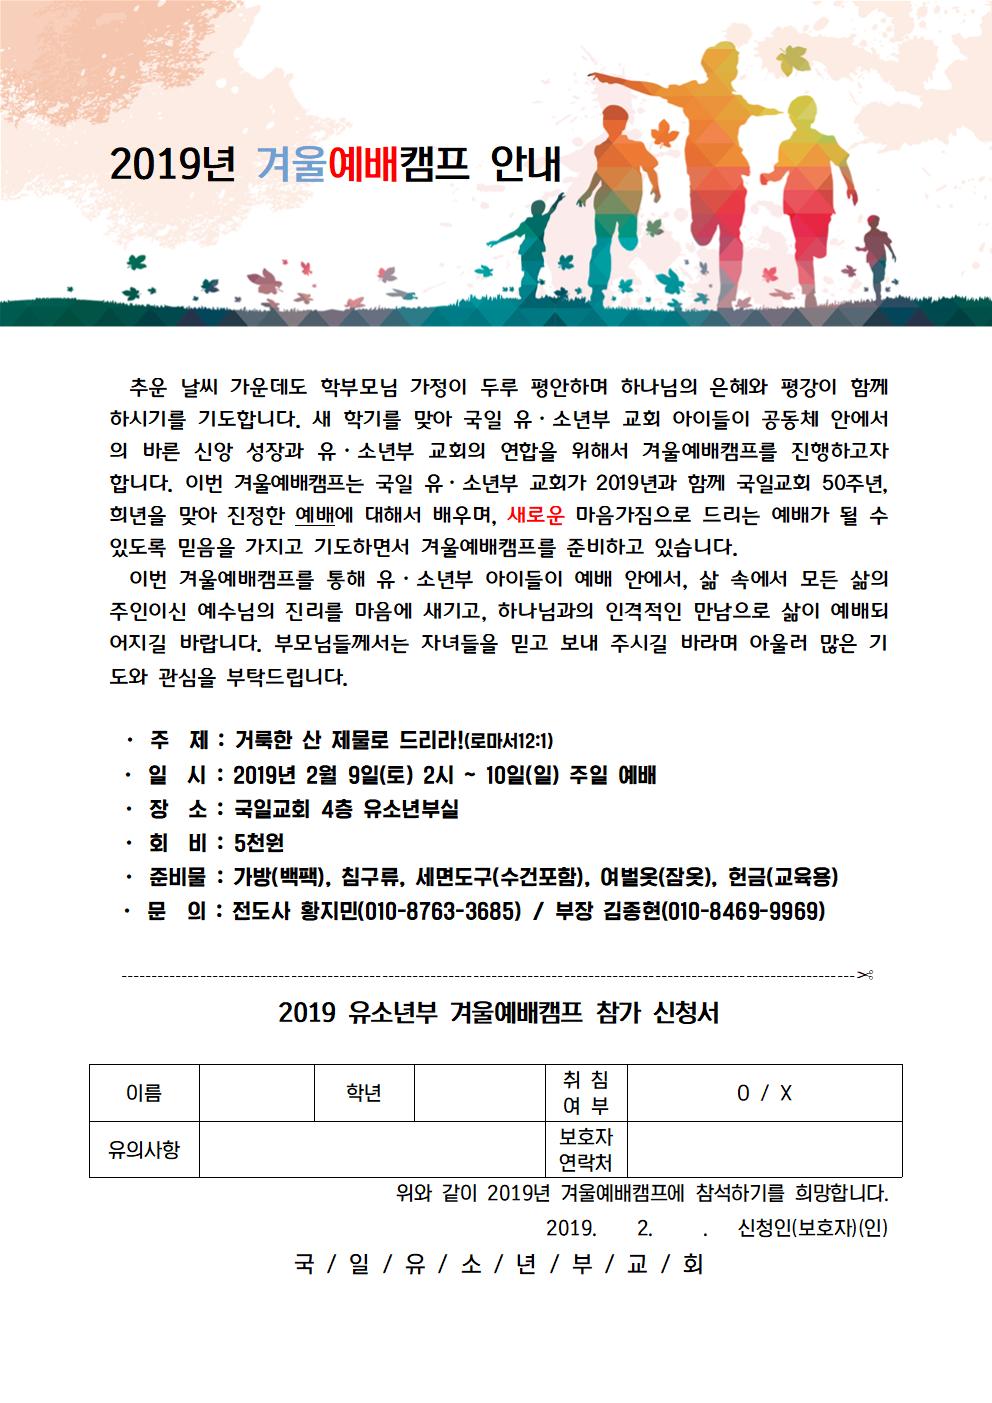 2019겨울캠프 안내문 및 신청서001.png